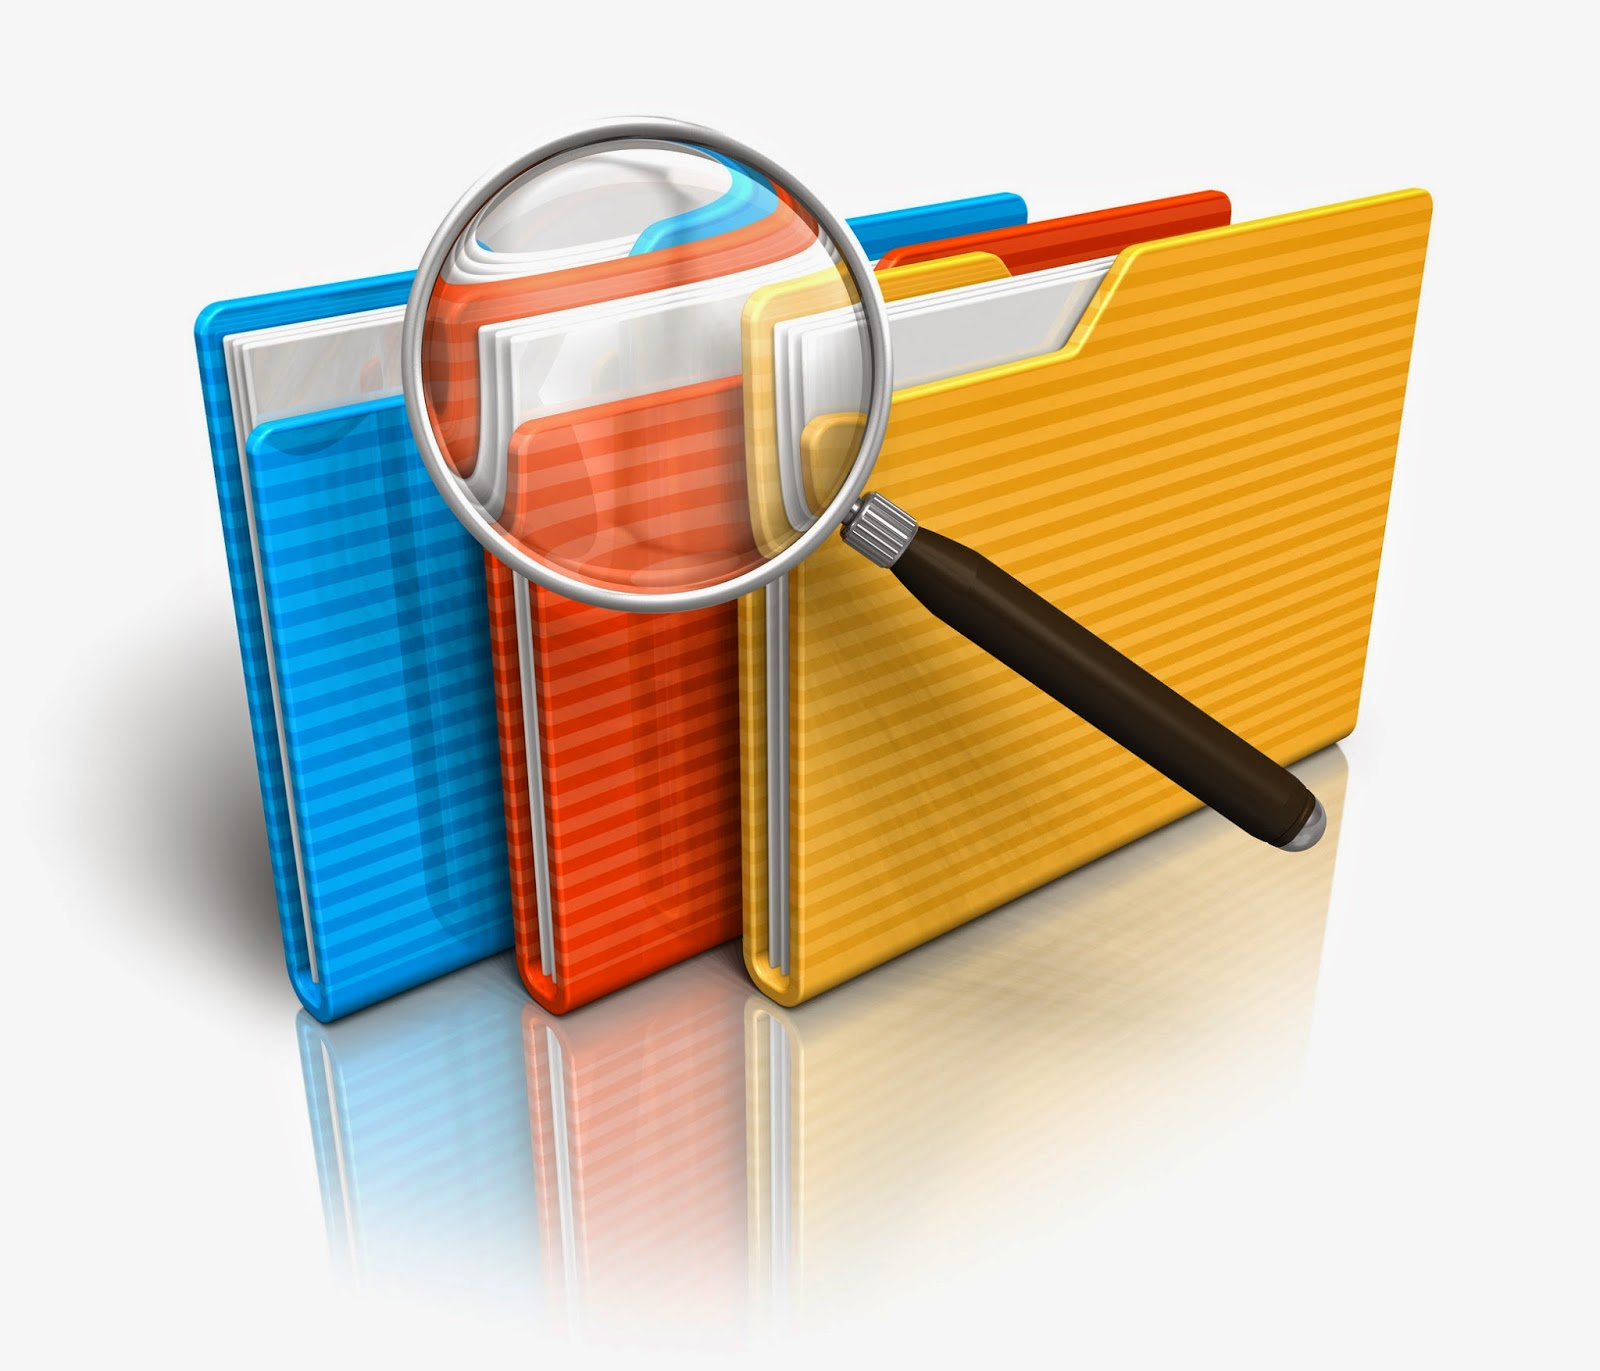 Quản lý chặt chẽ tài liệu, sắp xếp khoa học, thống kê đầy đủ, kiểm tra thường xuyên, để nắm vũng số lượng, thành phần, tình hình và nội dung tài liệu trong kho lưu trữ và bảo vệ an toàn tài liệu là những nội dung quan trọng của công tác bảo quản tài liệu lưu trữ.  1. Phương Pháp Sắp Xếp Tài Liệu Trong Kho Lưu Trữ Sắp xếp tài liệu trong kho lưu trữ là công tác tổ chức khoa học các hồ sơ nhằm phục vụ cho việc tổ chức sử dụng tài liệu được thuận lợi. Sắp xếp khoa học tài liệu trong kho lưu trữ  tạo điều kiện thuận lợi cho công tác thống kê và kiểm tra. Ngoài ra, sắp xếp khoa học các hồ sơ trong kho lưu trữ còn giúp cho cán bộ lưu trữ có điều kiện xử lý nhanh chóng các biến cố xảy ra, chống được các yếu tố gây hại  cho tài liệu. A. Sắp Xếp Tài Liệu Theo Hồ Sơ  Các tài liệu trong hồ sơ, đơn vị bảo quản được sắp xếp theo đặc trưng đã vận dụng để lập hồ sơ. Mỗi hồ sơ, đơn vị bảo quản chỉ dày khoảng 2 cm; nếu khối lượng tài liệu trong hồ sơ nhiều thì nên chia thành nhiều tập, mỗi tập là 1 đơn vị bảo quản. Các tài liệu là bản vẽ có khổ rộng thường xếp theo các phương pháp: đặt nằm phẳng trong các tủ chuyên dụng; cuộn tròn đối với bản vẽ bằng giấy mỏng. Đối với những bản vẽ khổ rộng, giấy cứng  thì phải treo lên các giá treo.  B. Sắp Xếp Tài Liệu Lên Giá  Nguyên tắc sắp xếp tài liệu lên giá là dễ tìm thấy, dễ lấy. Tùy theo từng loại tài liệu để sắp xếp nhưng việc sắp xếp tài liệu trong từng khoang, từng giá phải thống nhất theo quy định xếp từ trái qua phải, từ trên xuống dưới. Trường hợp tài liệu được sắp xếp trong từng hộp, trong gói… có đánh số thứ tự, cần xếp nằm thì đặt chúng theo số thứ tự từ dưới lên trên thành từng cột và các cột lại được xếp từ trái qua phải. C. Sắp Xếp Giá Trong Kho  Sắp xếp giá trong kho phải thuận tiện cho phương tiện vận chuyển và đi lại, đồng thời phải bảo đảm cho kho được thông thoáng, tránh được các yếu tố phá hoại tài liệu, tiết kiệm được diện tích, thuận lợi cho công tác làm vệ sinh, sắp xếp tài liệu và thống kê, kiểm tra tài liệu. D. Bảng C